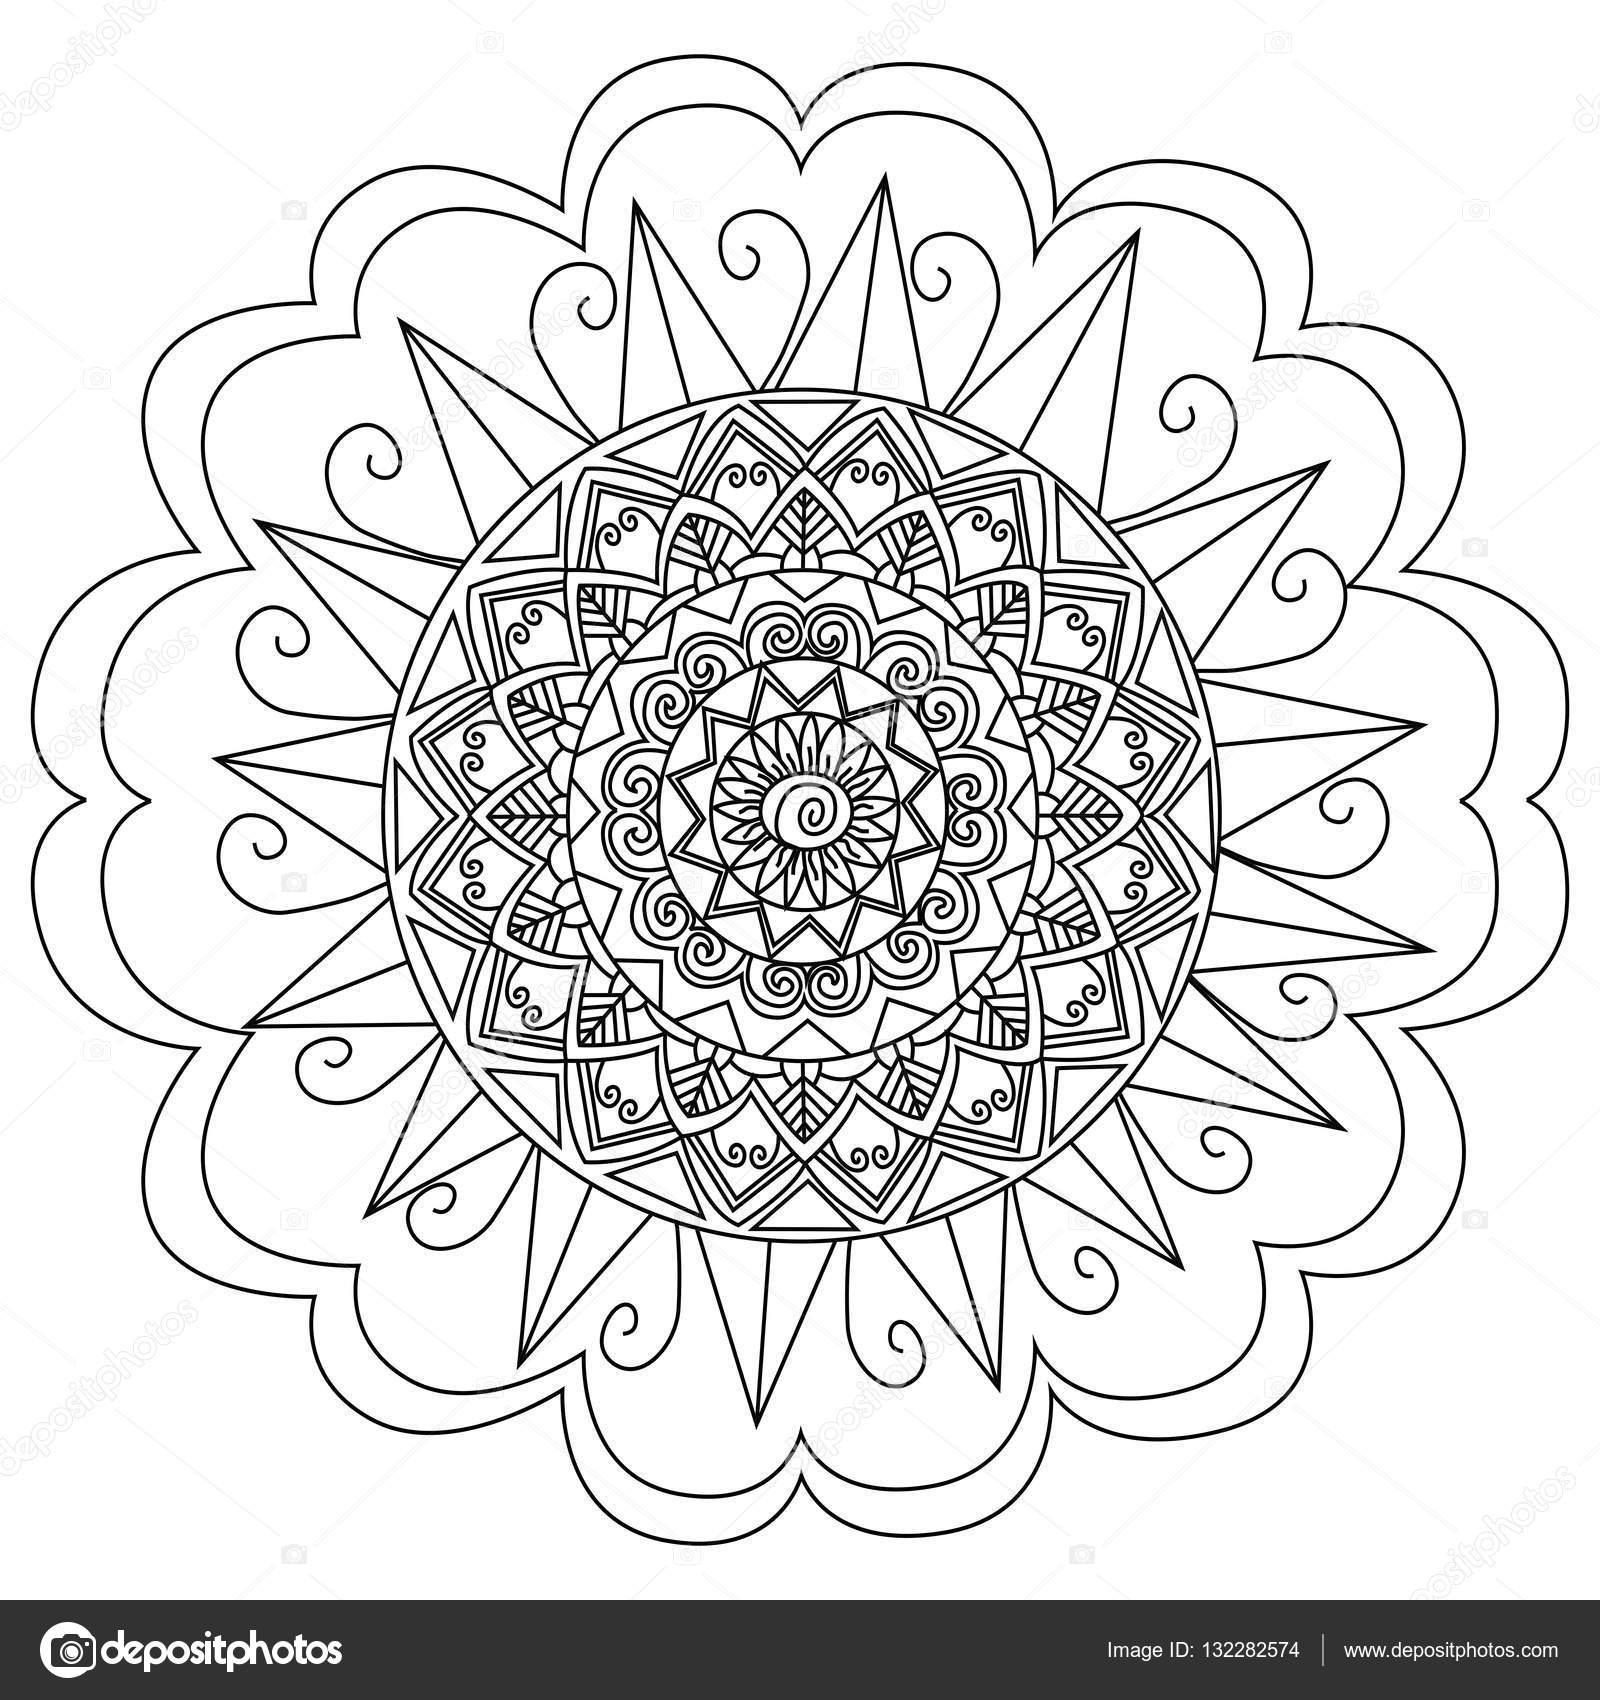 Kleurplaten Voor Volwassenen Mandala.Mandala Bloem Vector Kleurplaten Voor Volwassenen